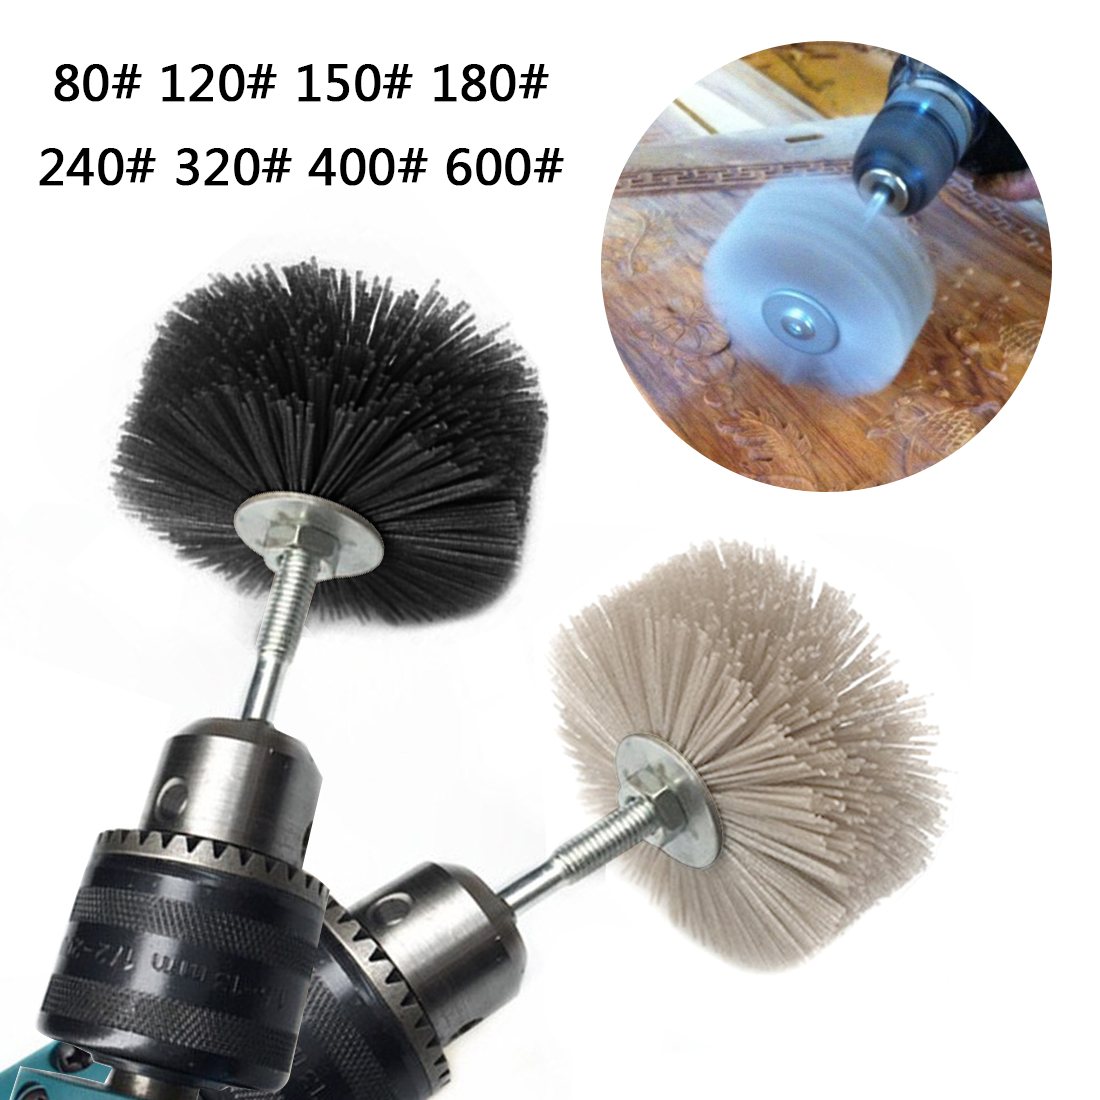 1 шт. 80 мм дрель абразивная проволока шлифовальный круг нейлоновая щетина Полировочная щетка для деревянной мебели отделка из красного дерева|abrasive wheel grinder|polishing wheel grinderbrush grinder | АлиЭкспресс